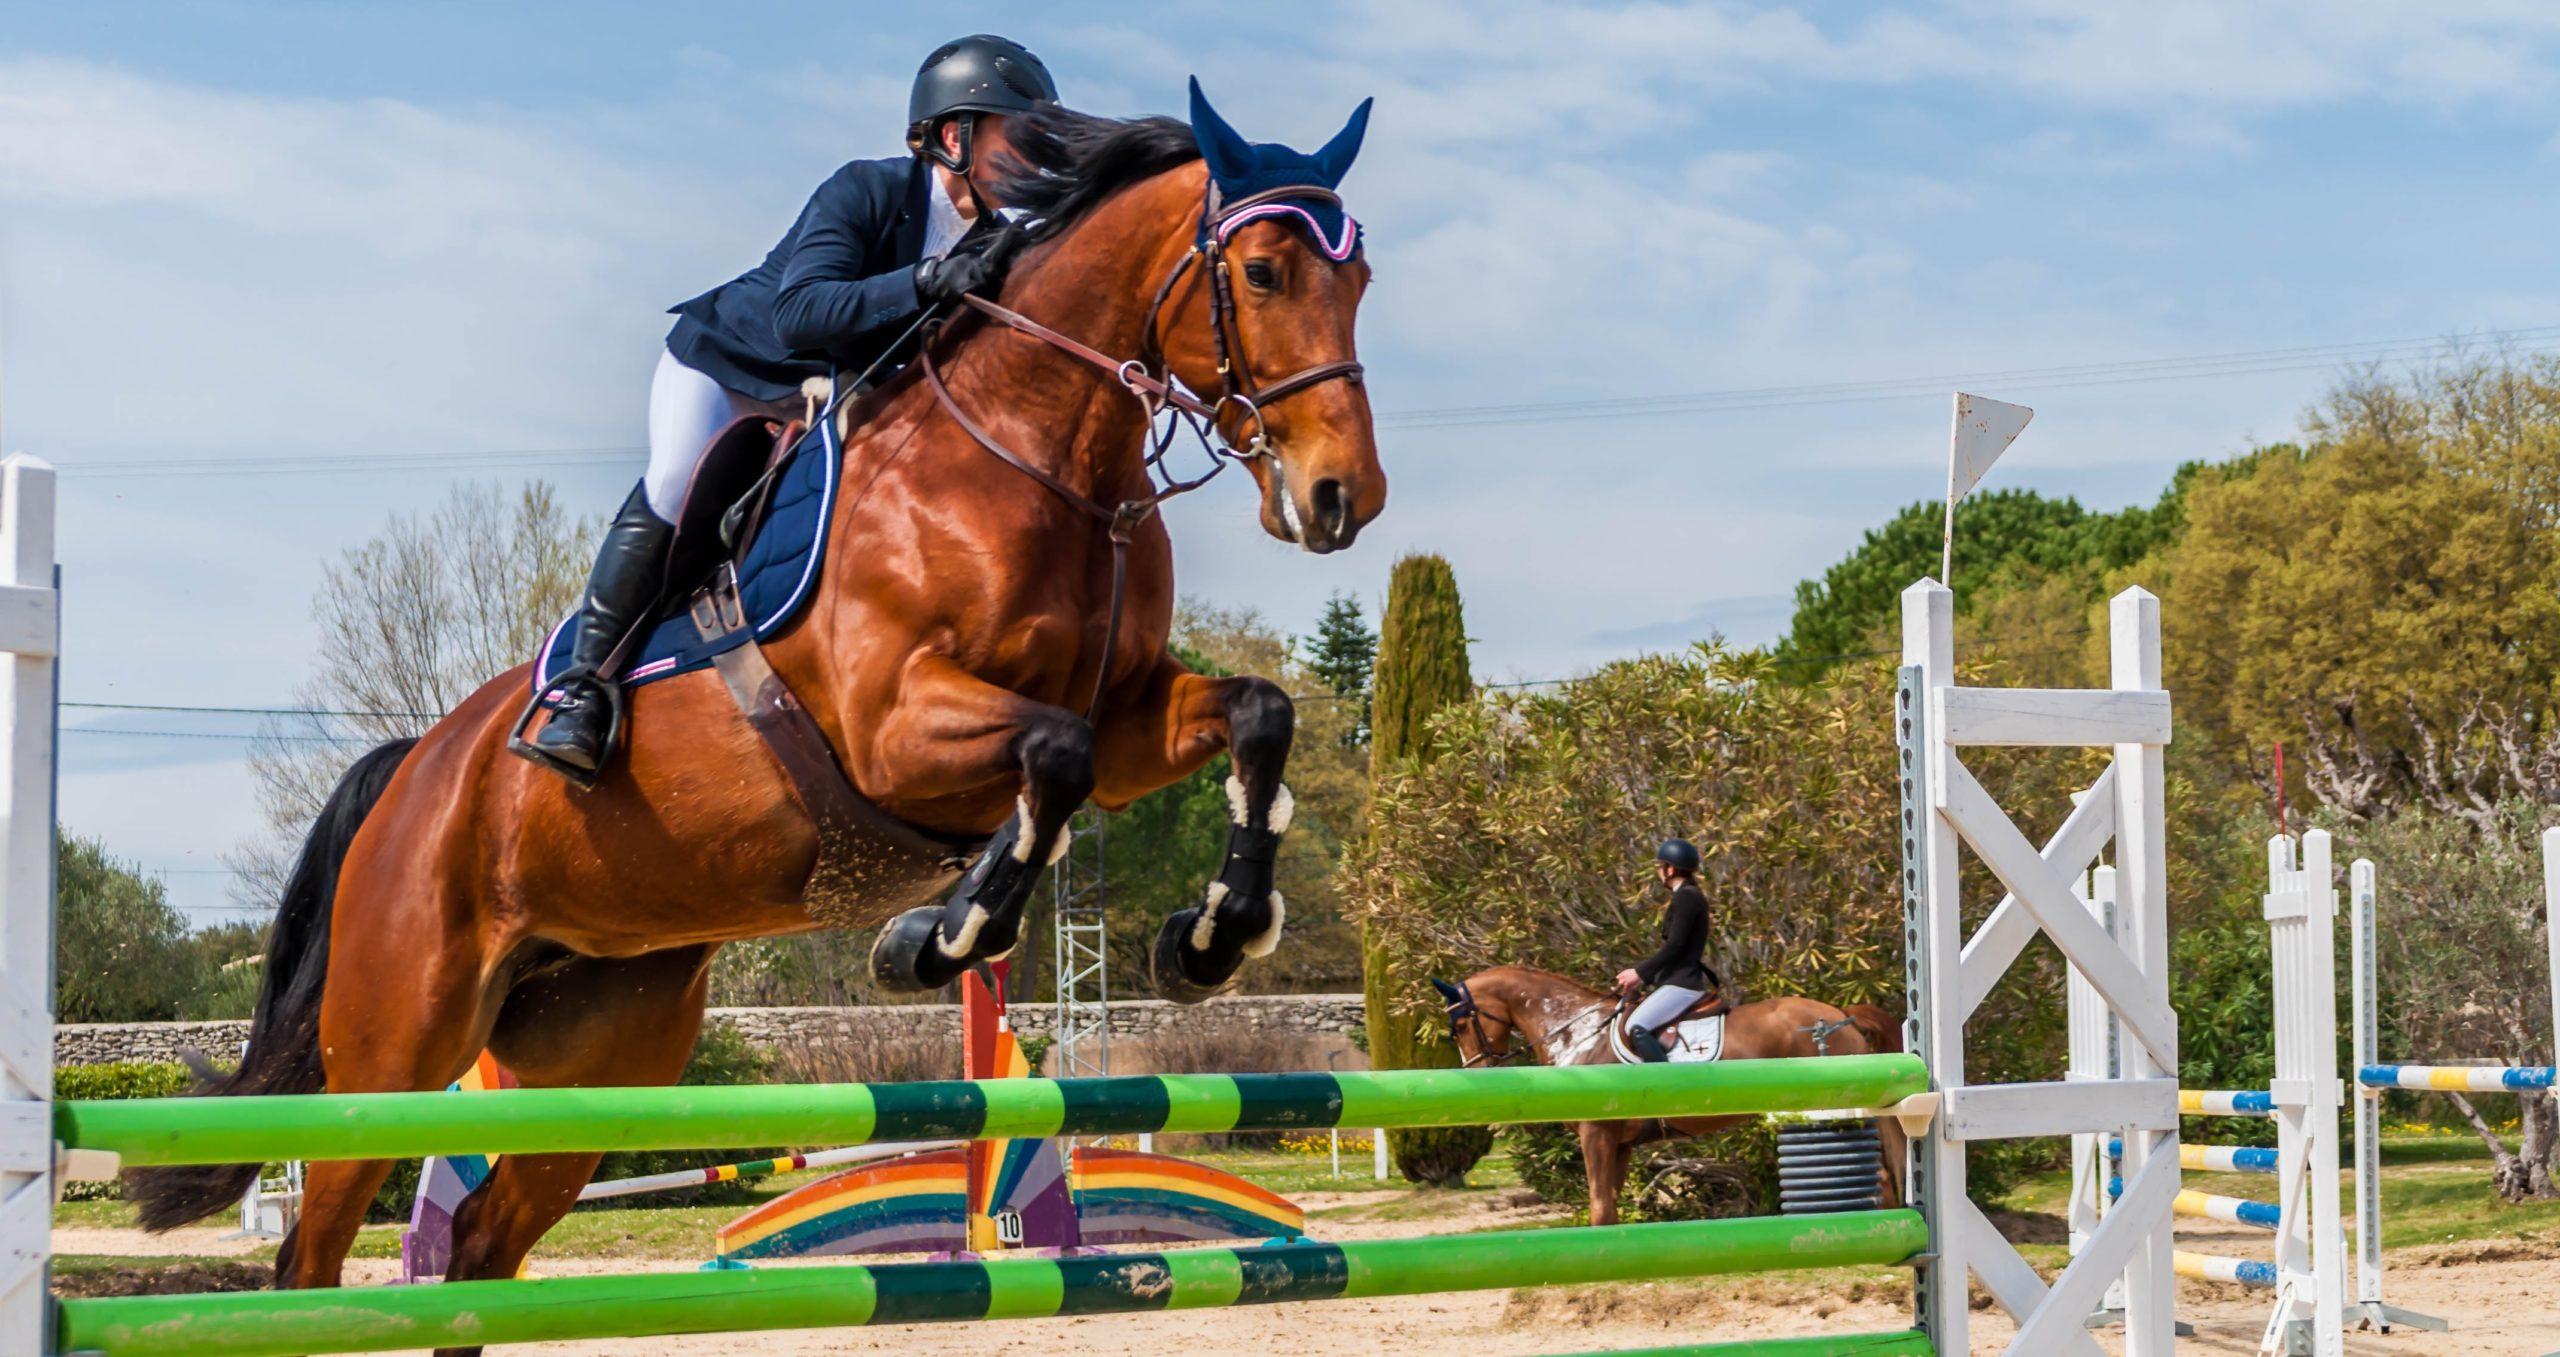 équitation paris 2024